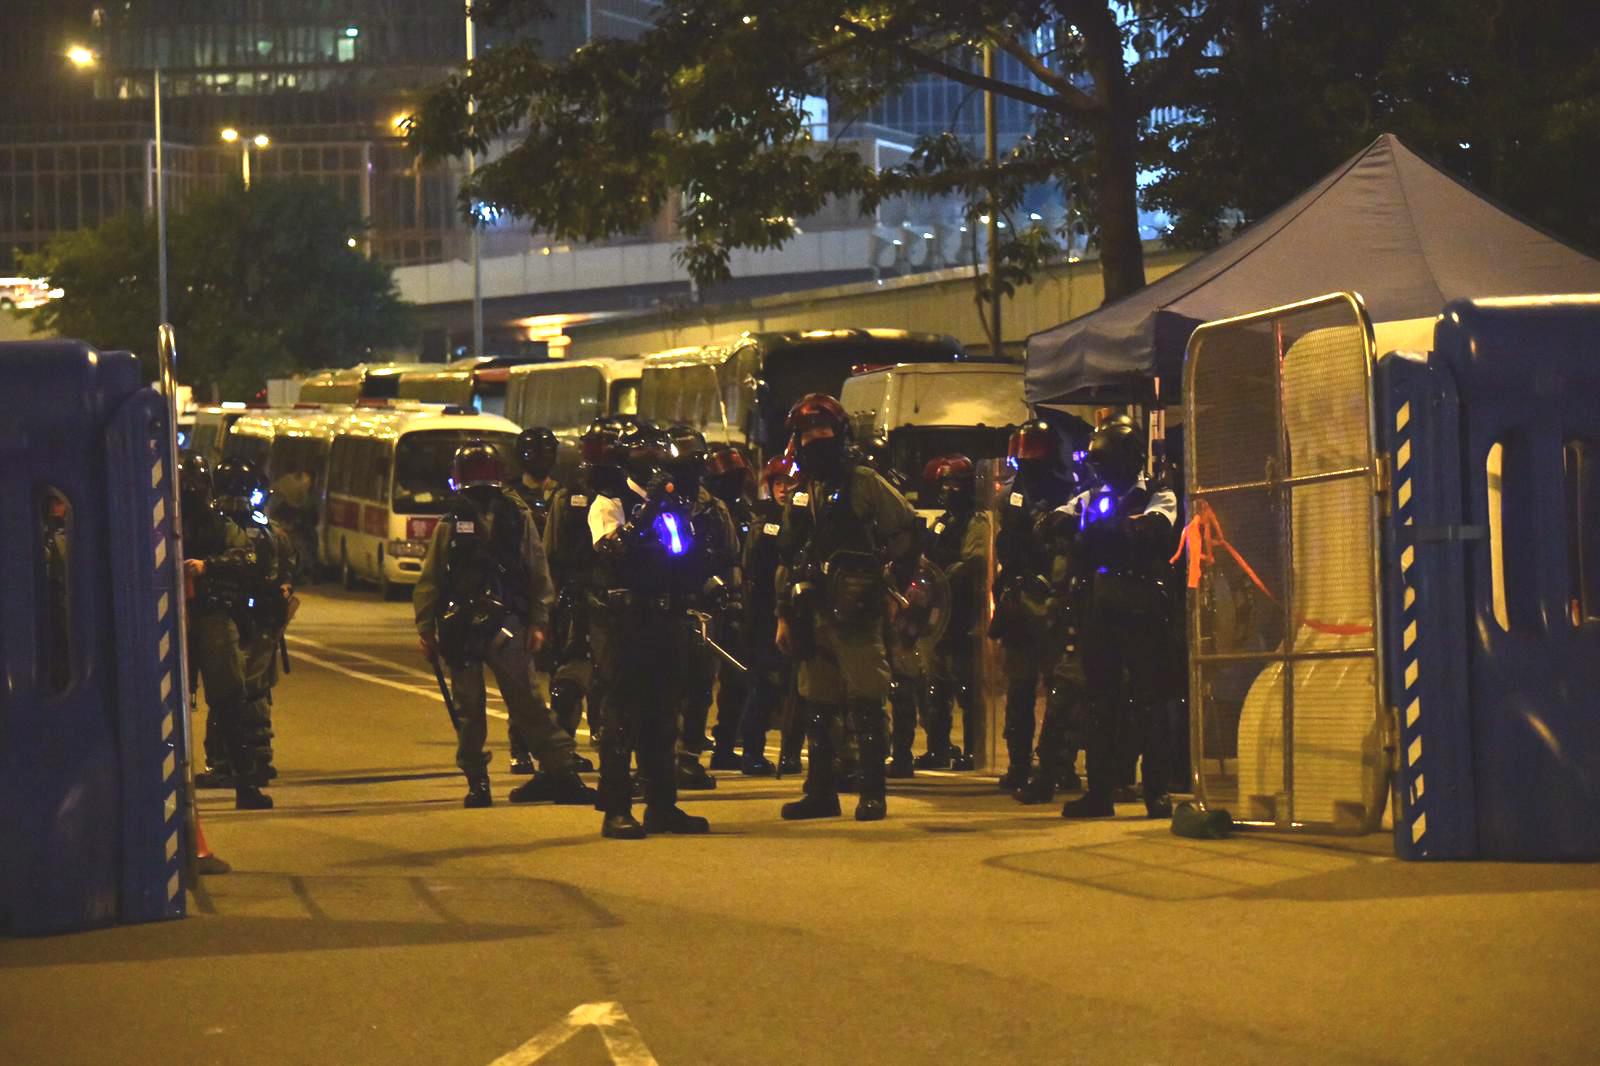 防暴警察在特首辦外駐守。